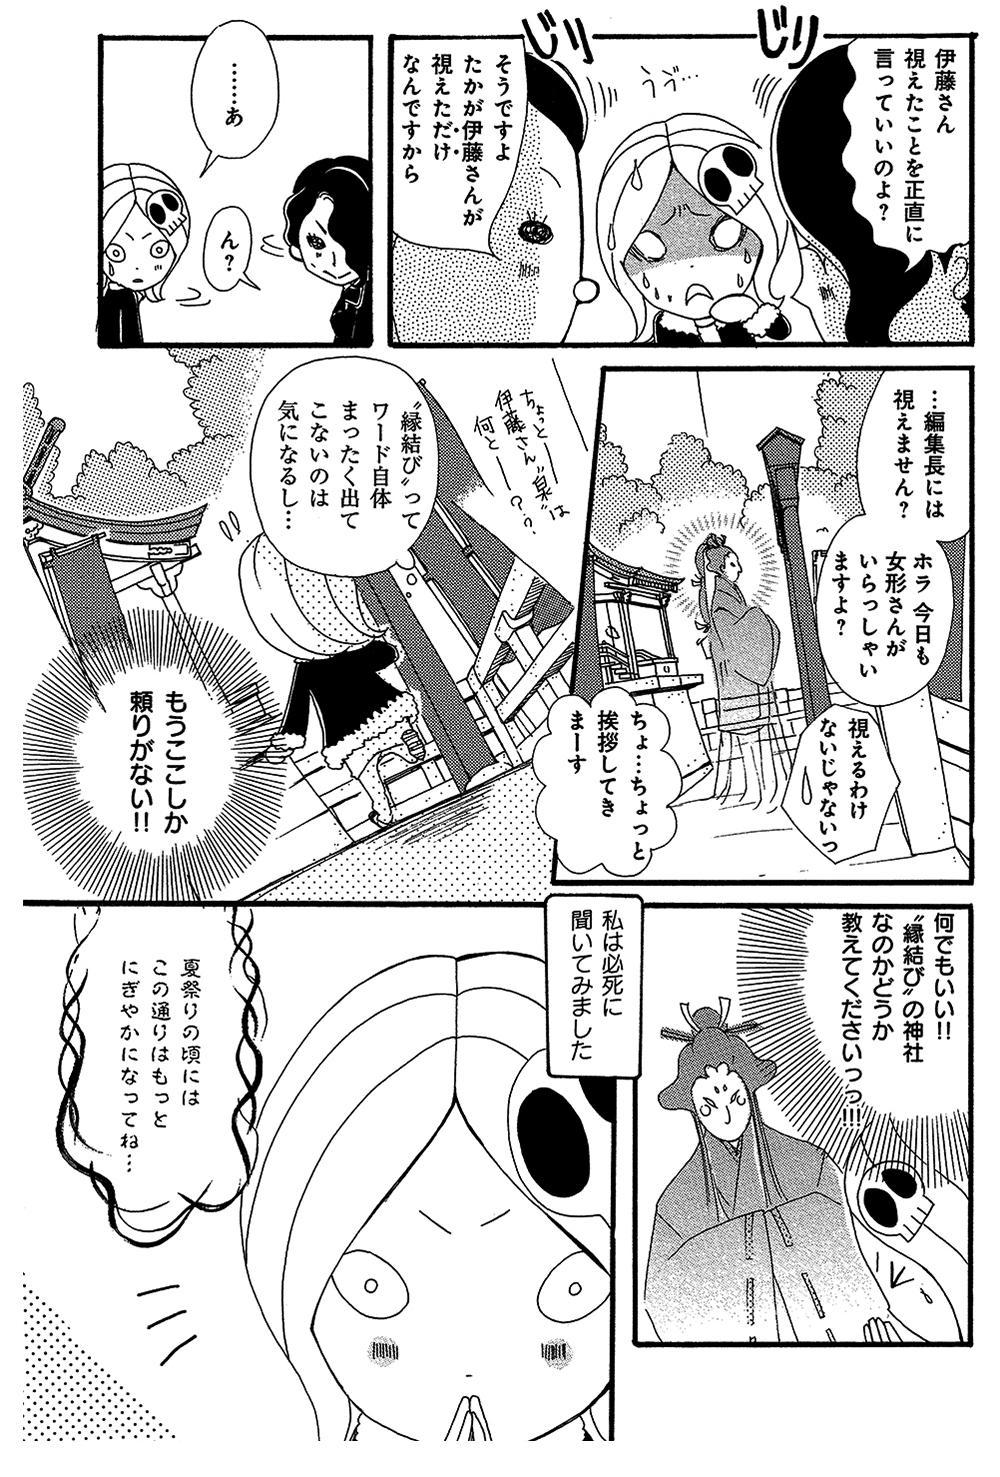 スピ☆散歩 第1話「東京大神宮」②spi0025.jpg